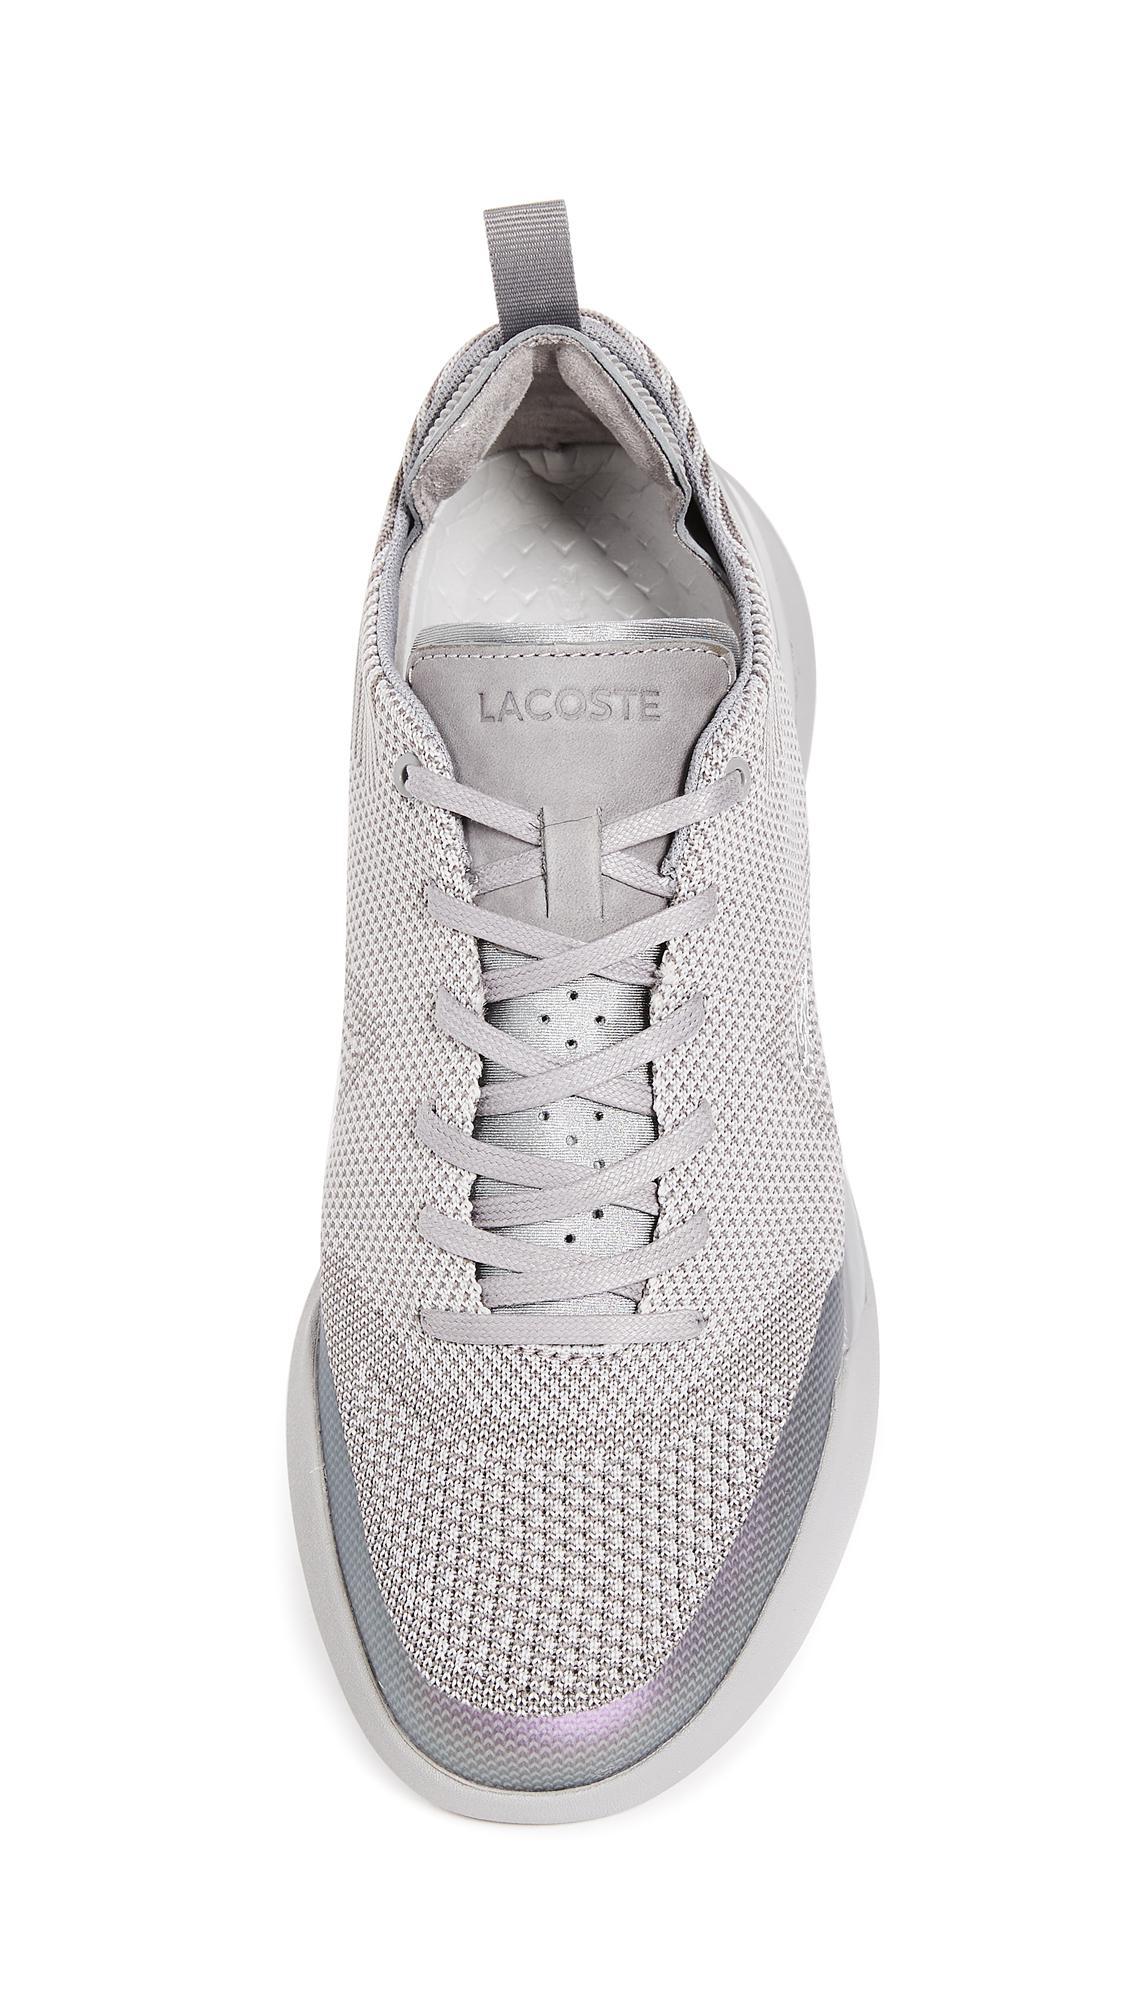 f59a3ec9f9288c Lyst - Lacoste Lt Dual Elite Sneakers in Gray for Men